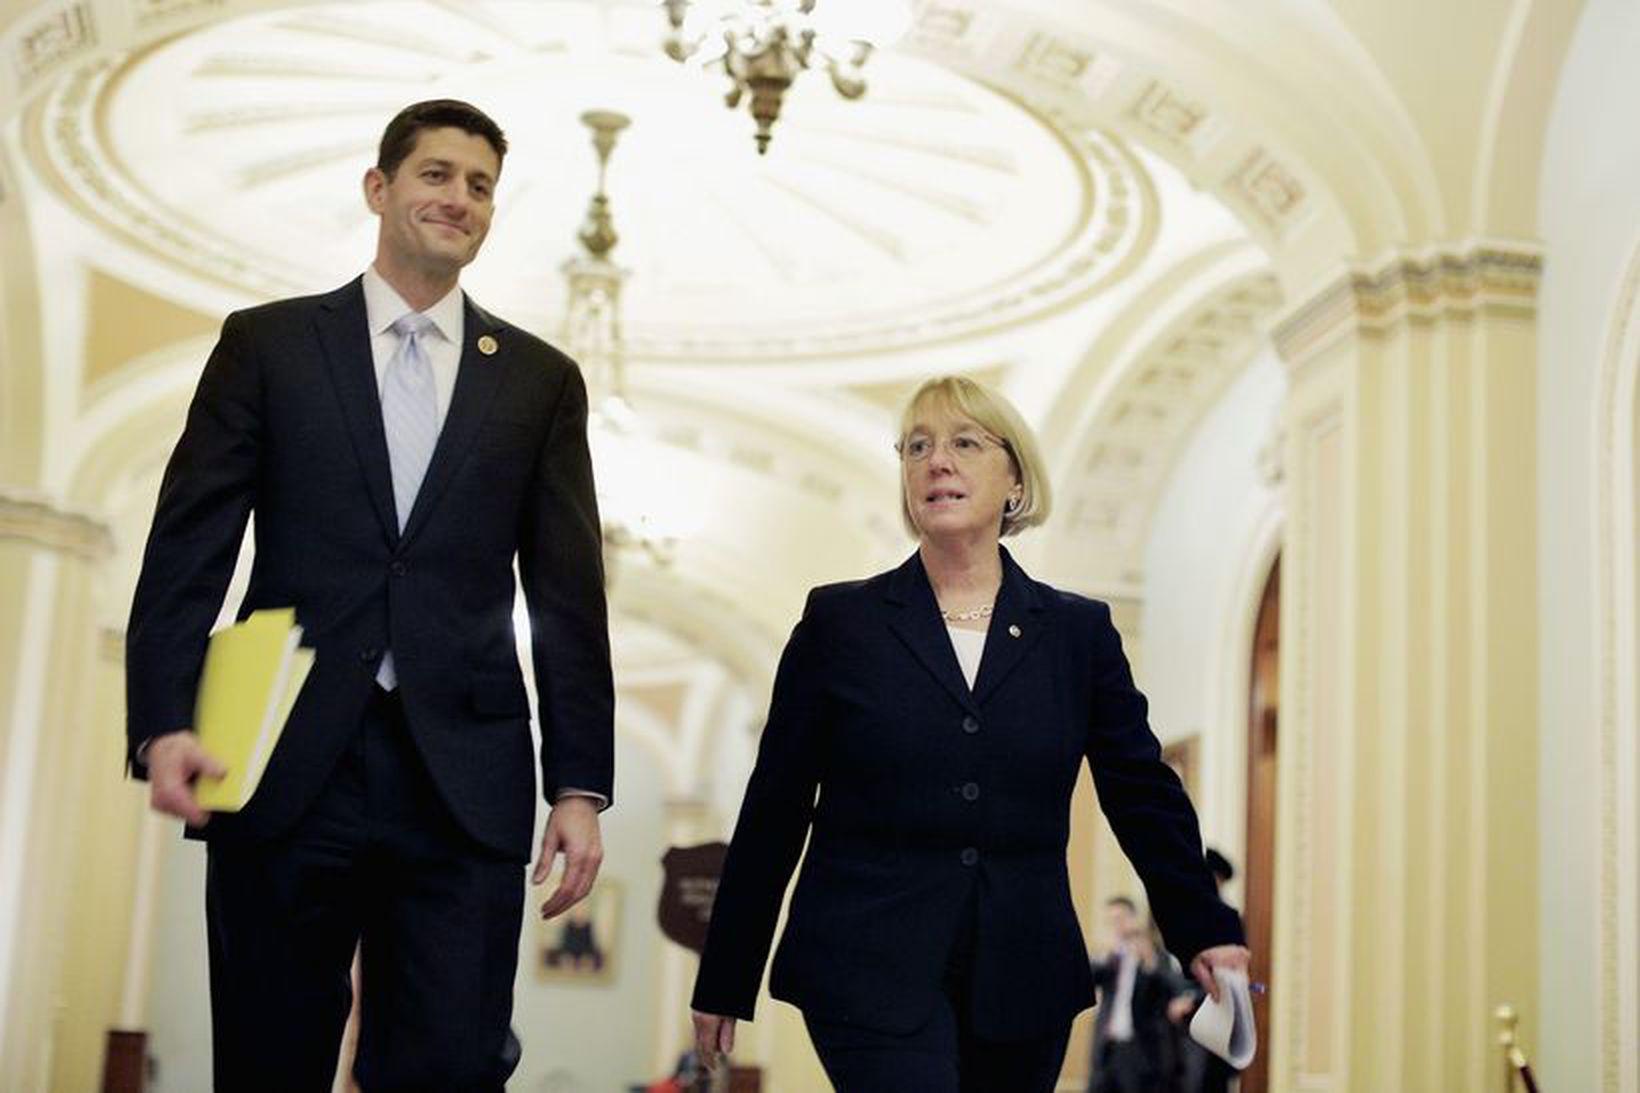 Paul Ryan og Patty Murray kynntu samkomulagið í dag.